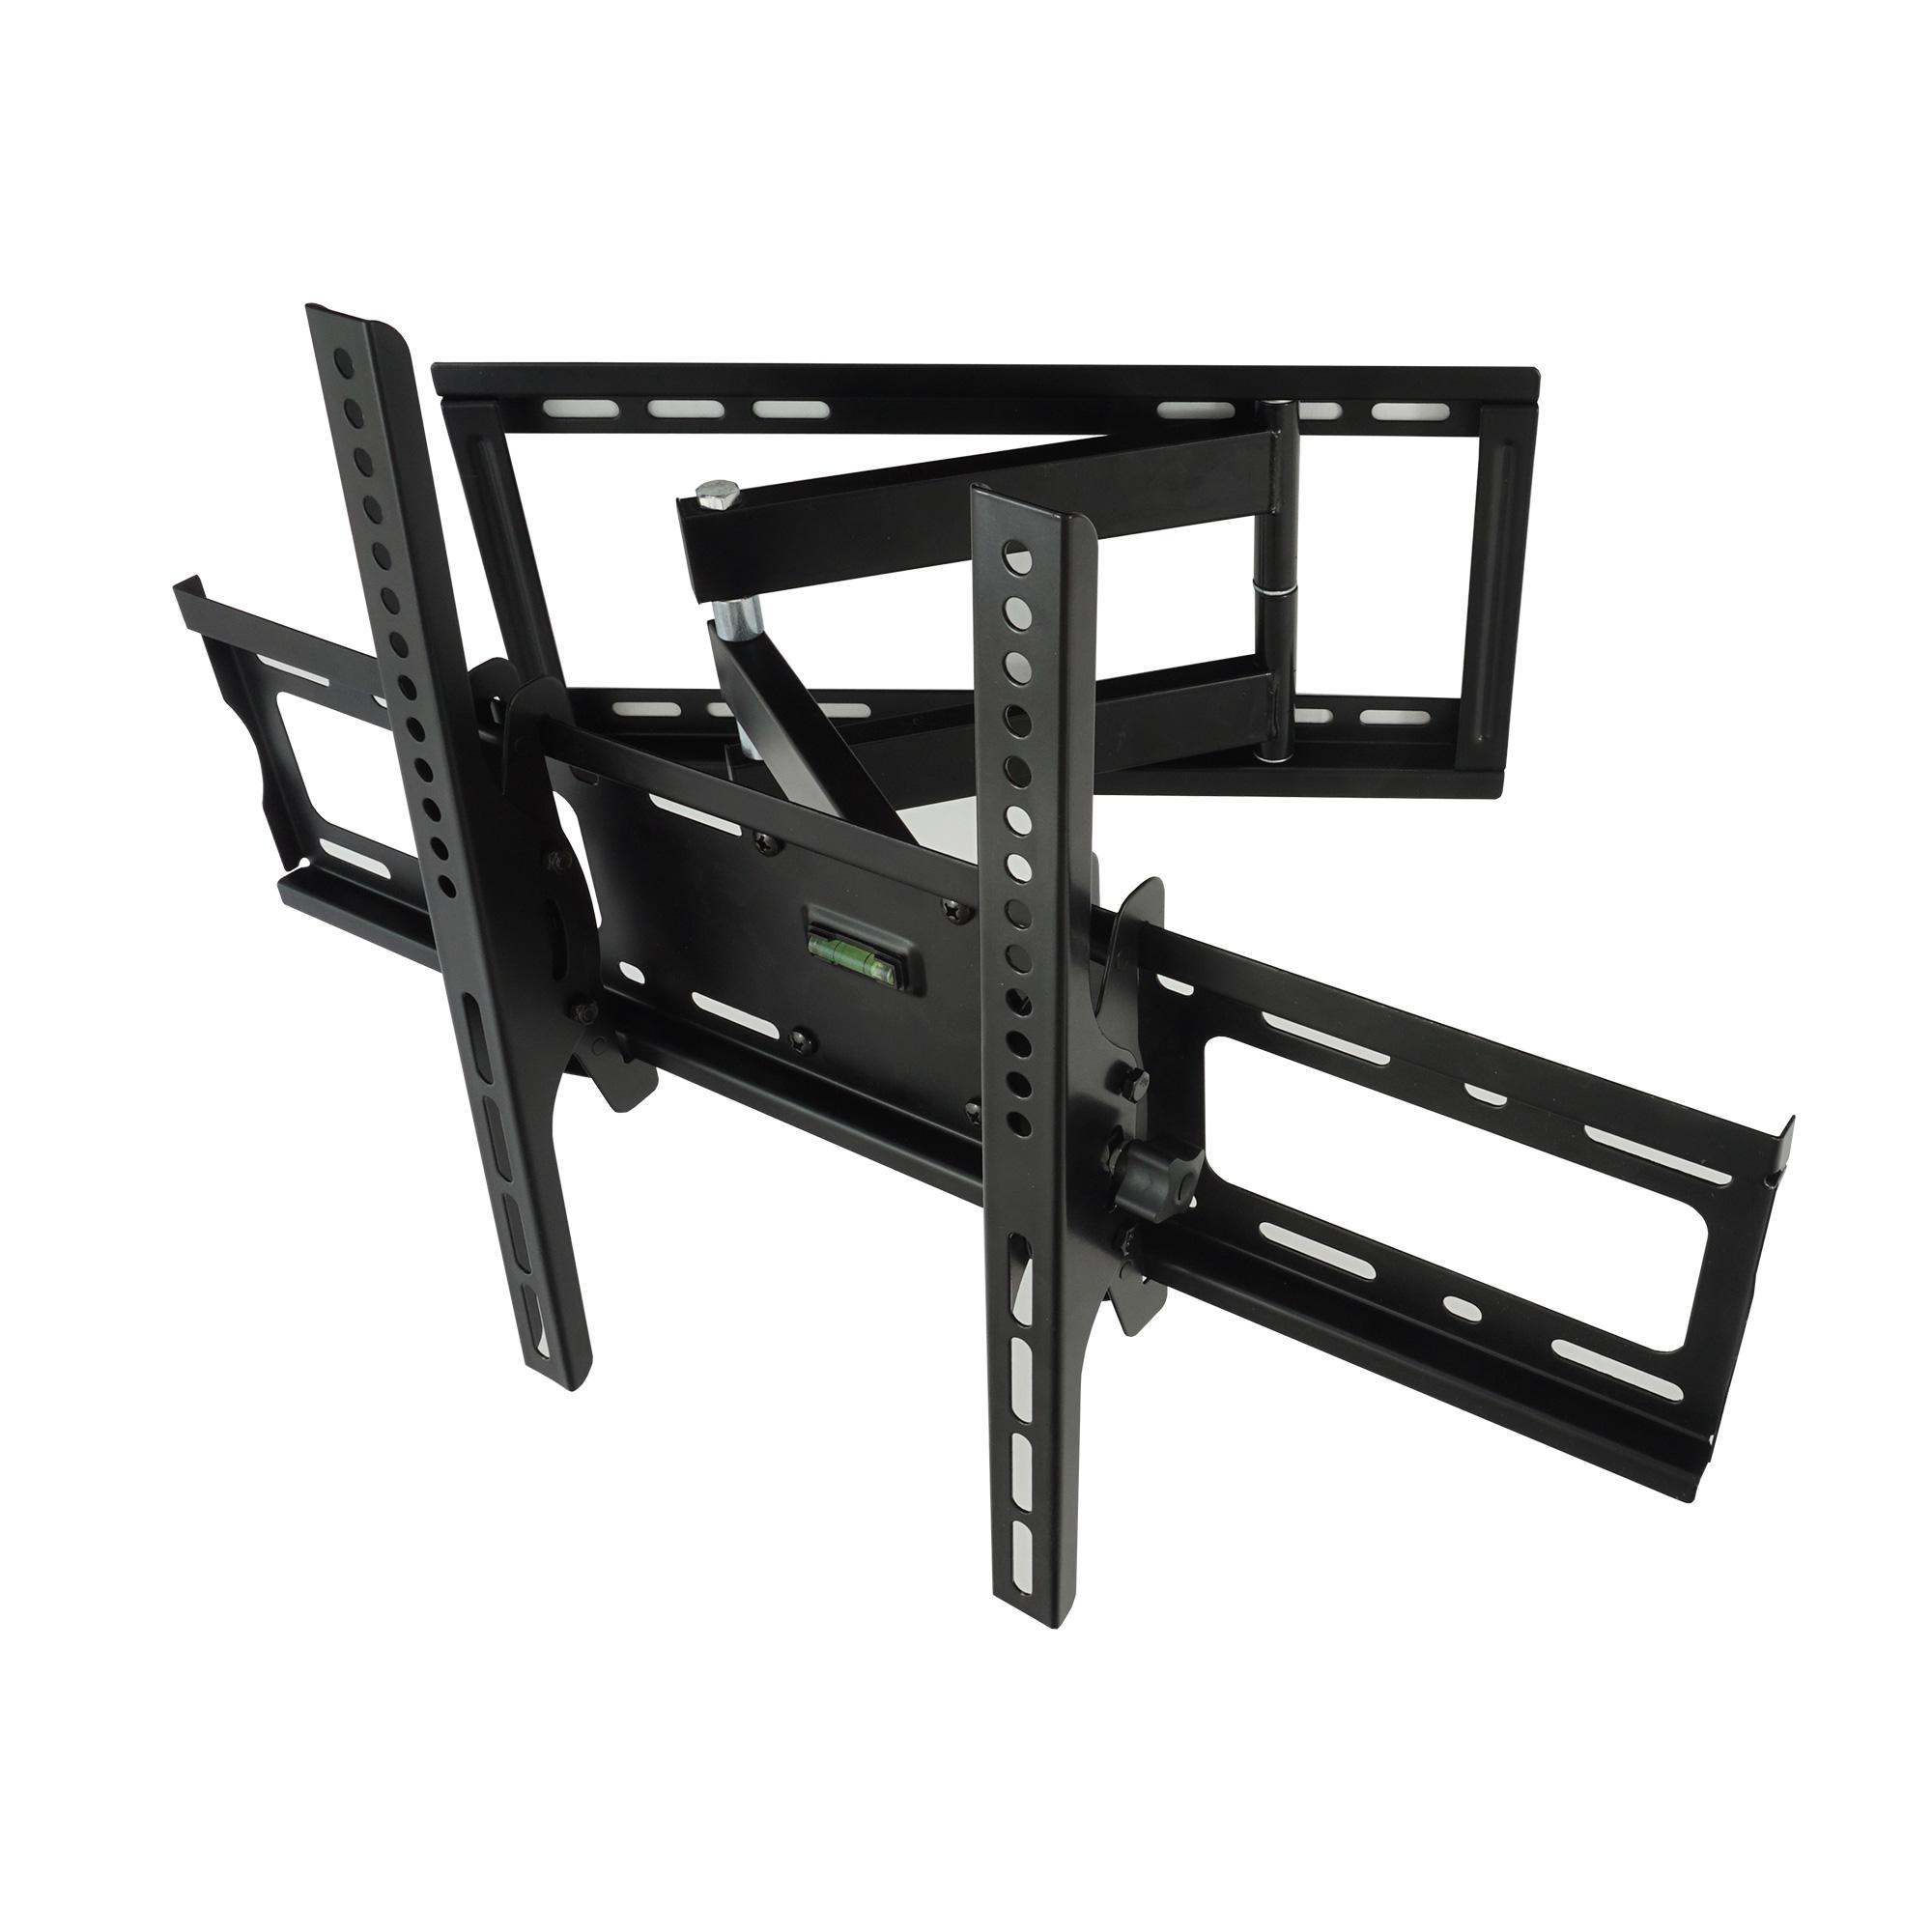 supporto tv parete staffa tv 32 55 81 140cm vesa 100 100 a 600 400mm mk07 ebay. Black Bedroom Furniture Sets. Home Design Ideas